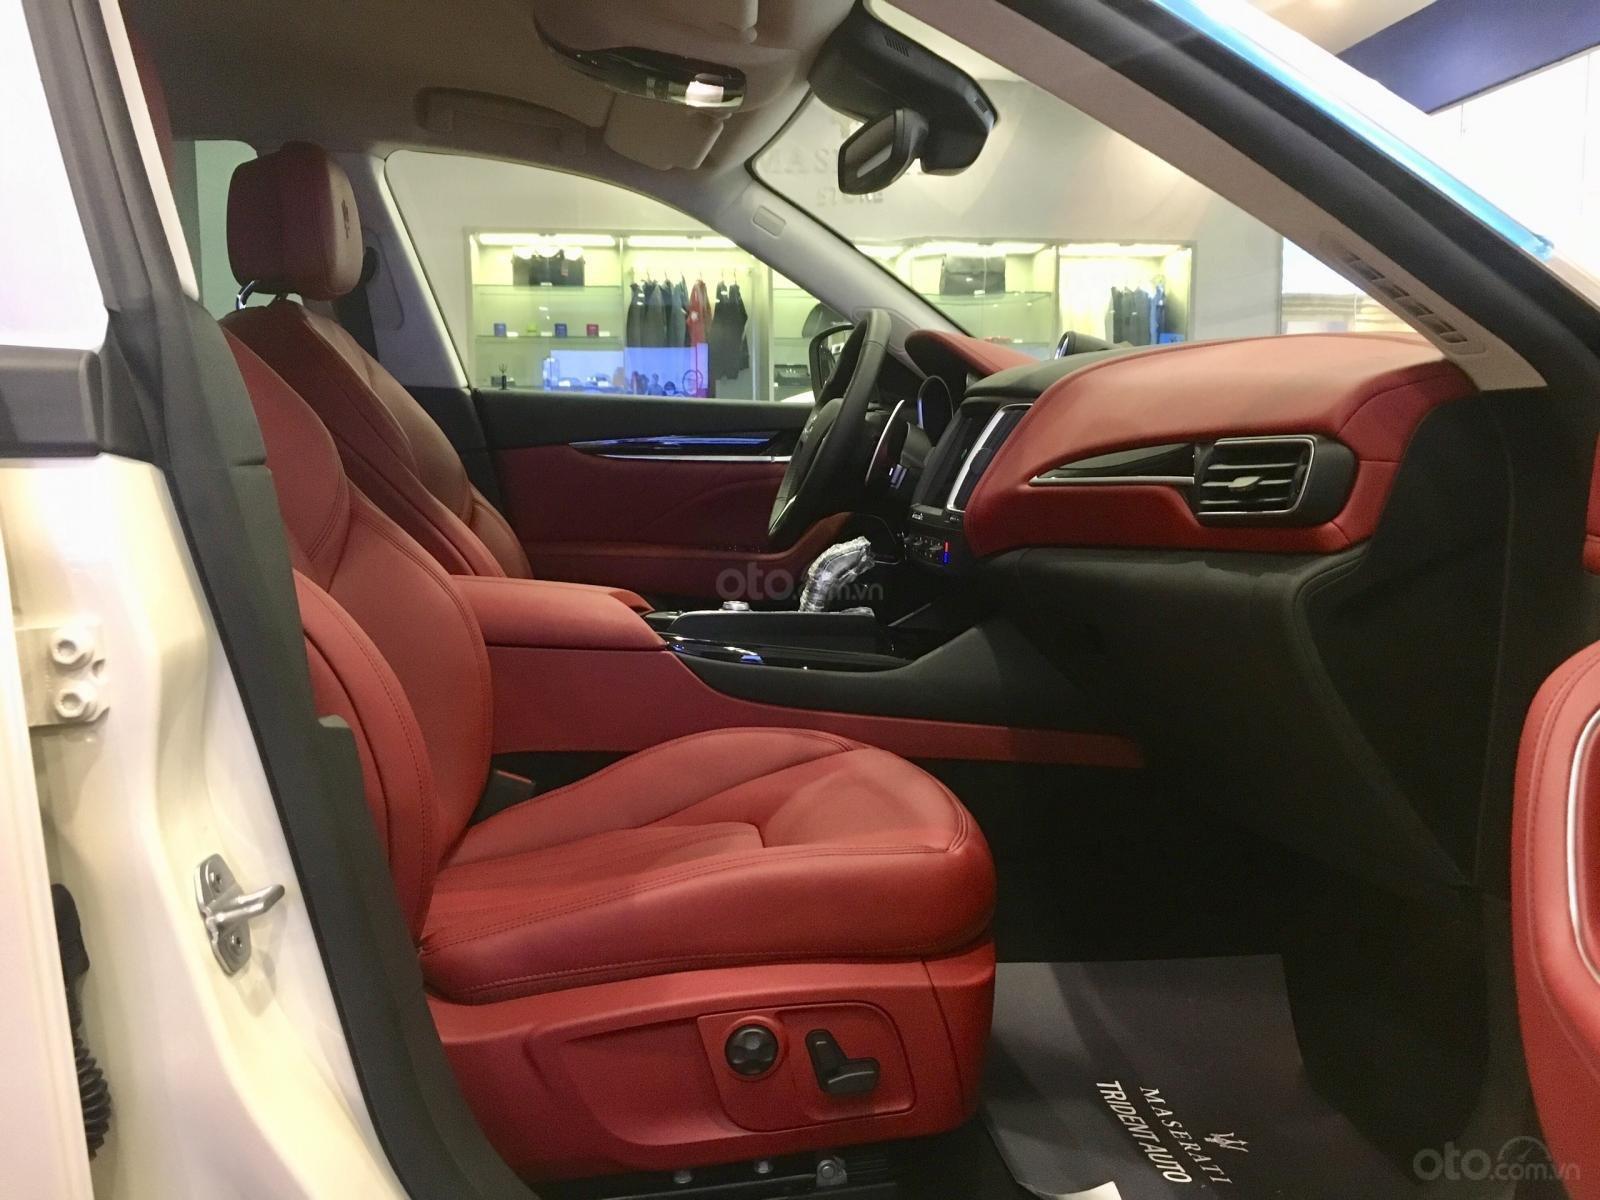 Maserati Levante chính hãng phân phối mới 100%, trắng-đỏ, hotline: 0902070768 (8)